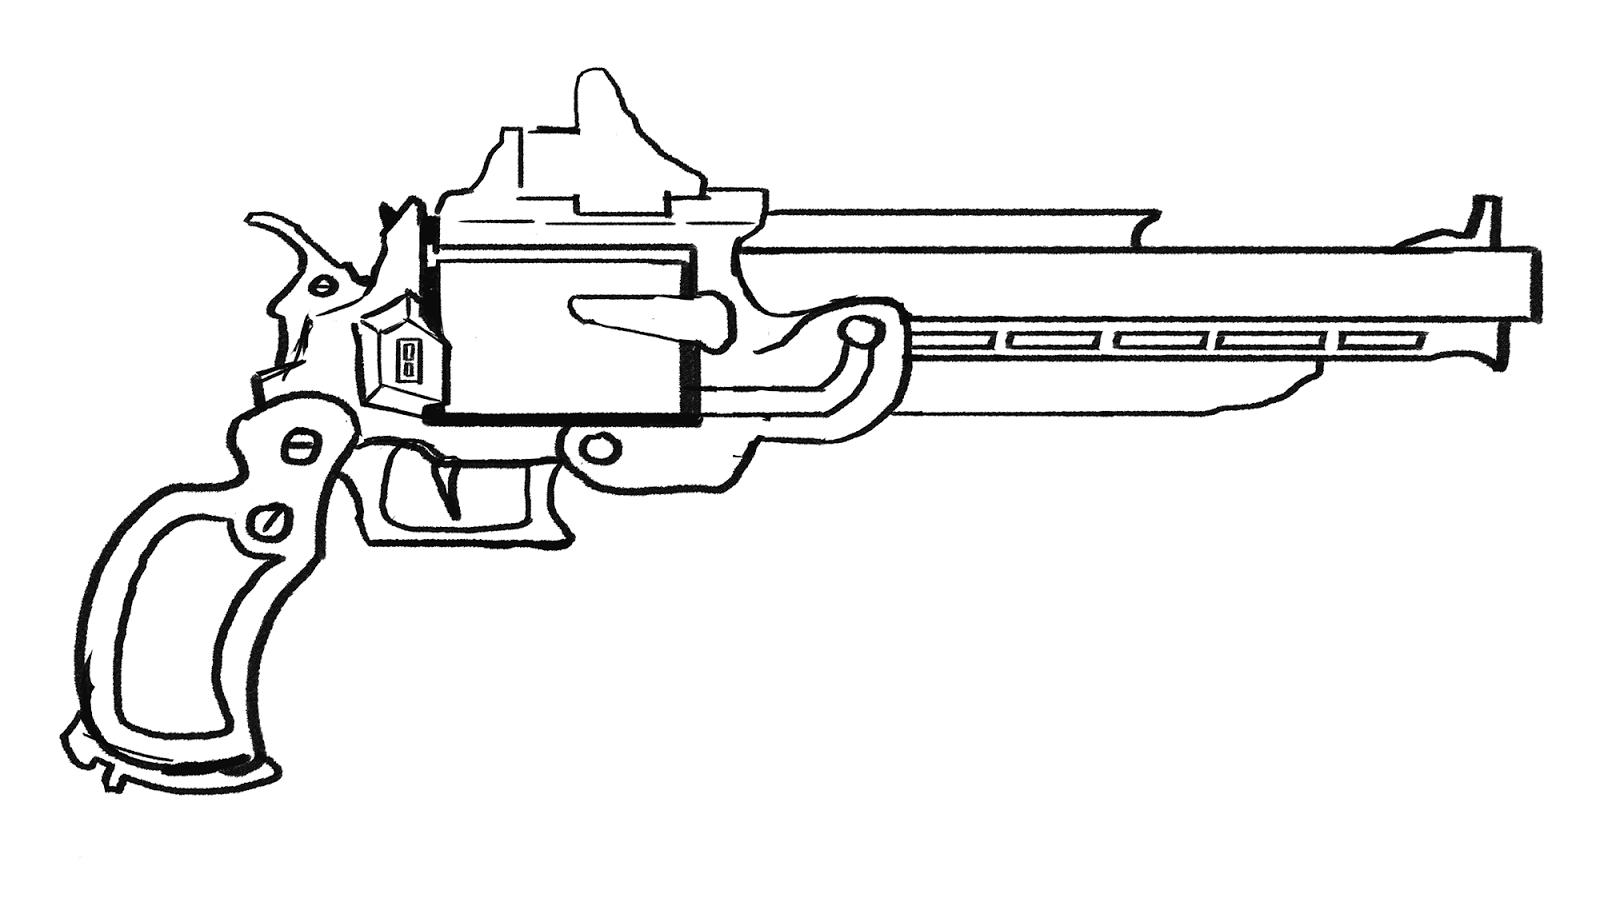 Cool Simple Gun Drawings